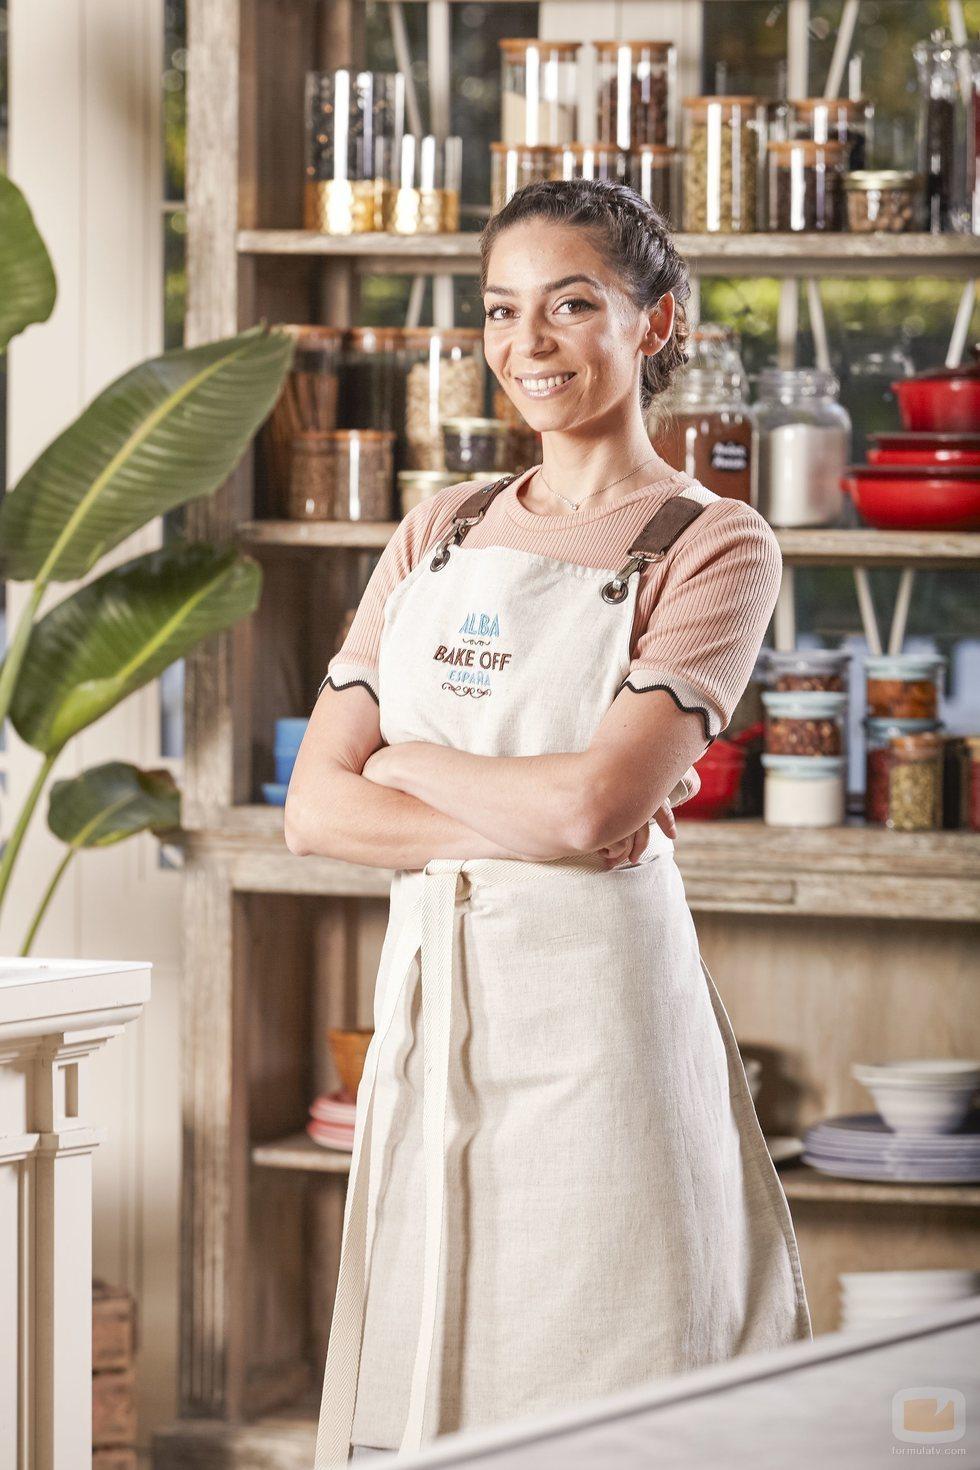 Alba, concursante de 'Bake Off España'